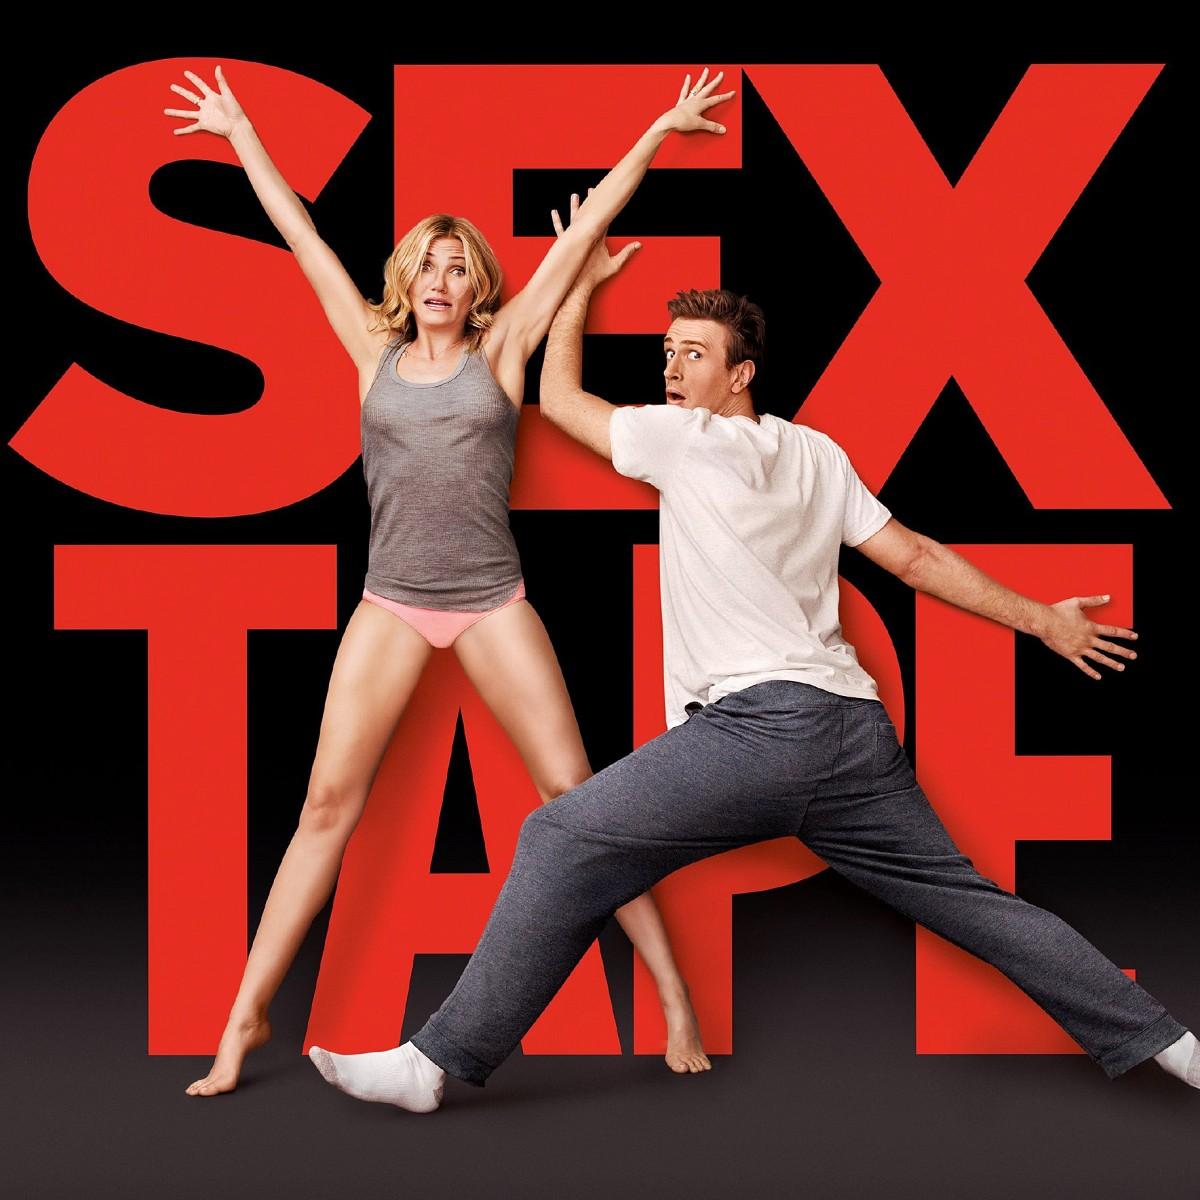 Sexkomodien Statt Winnetou Vox Andert Programm American Pie Und Sex Tape Am Samstagabend Tv Wunschliste